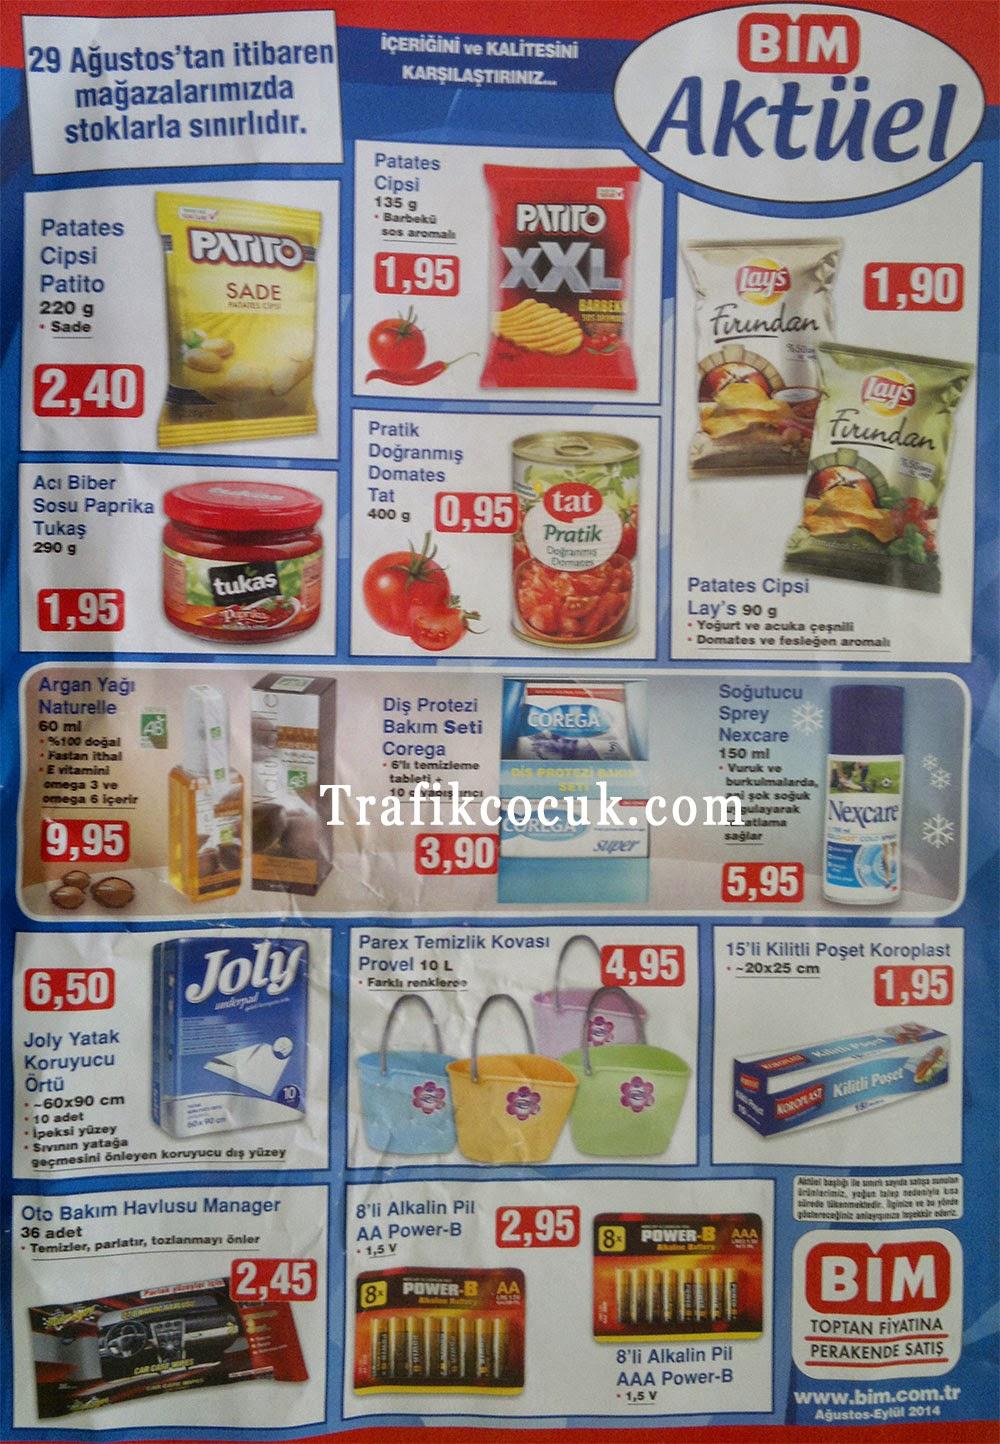 Bim 29 ağustos aktüel ürünler